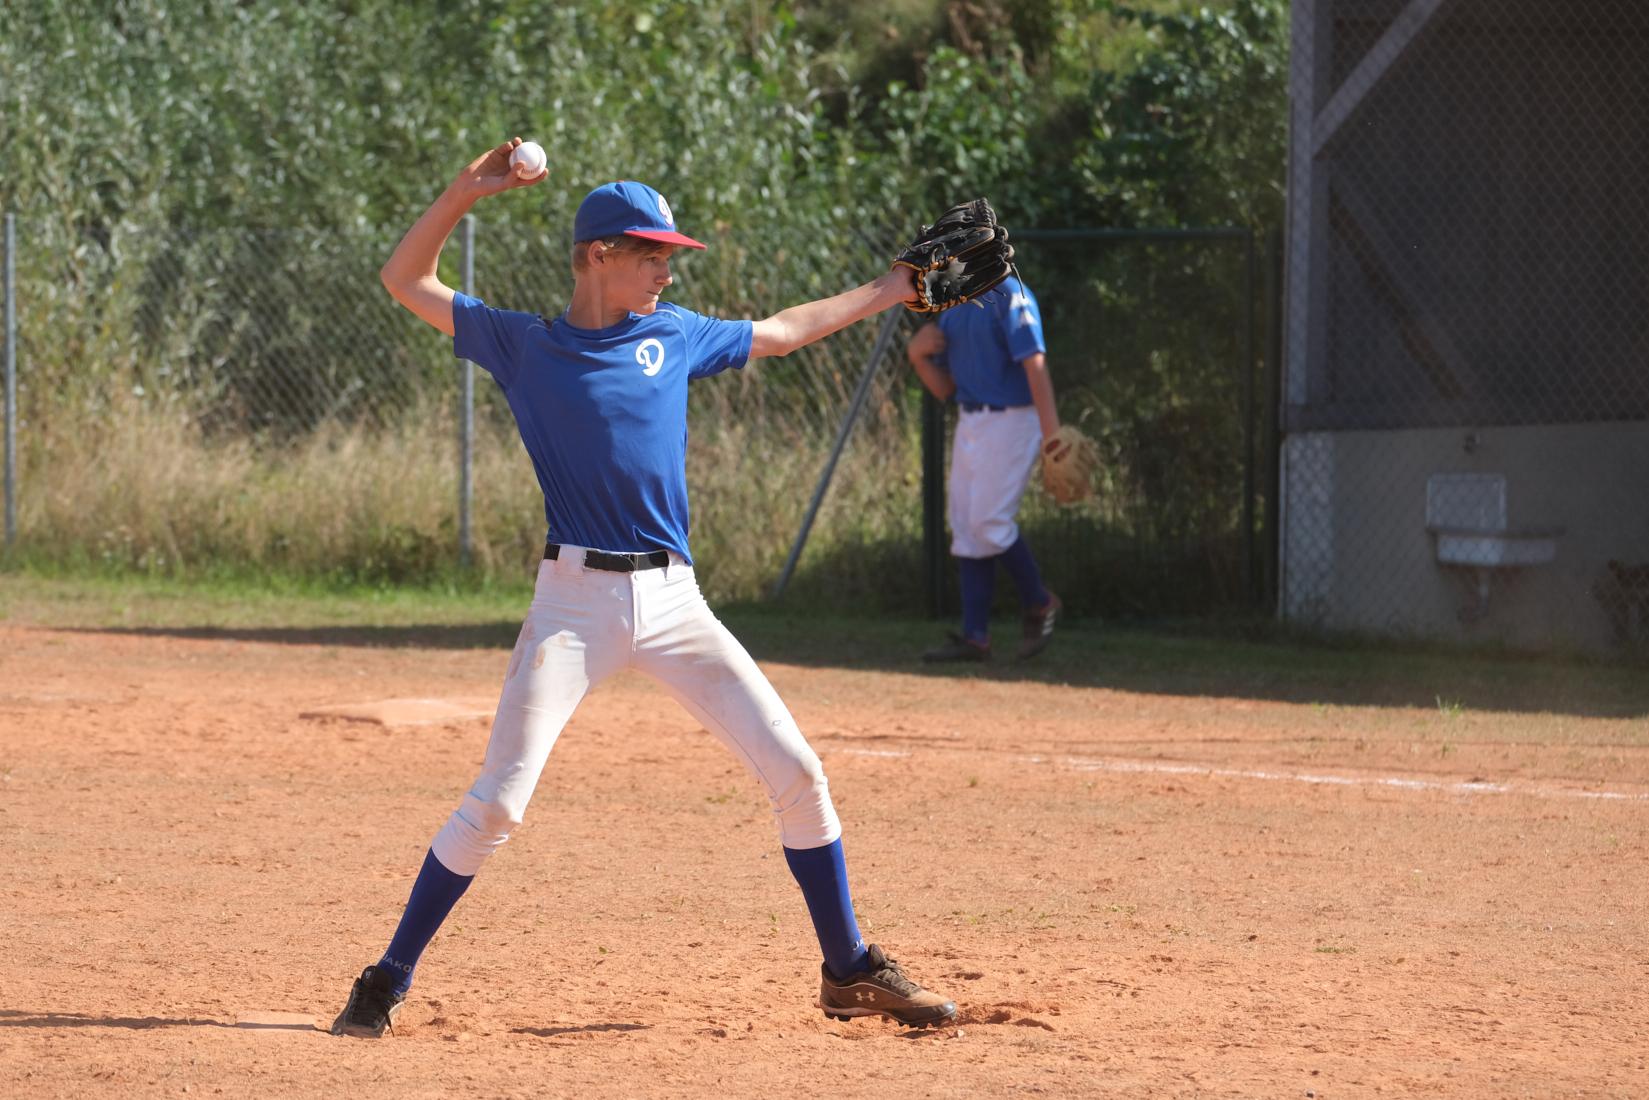 Royal Bavarians zu stark für die Deggendorfer Baseball Junioren